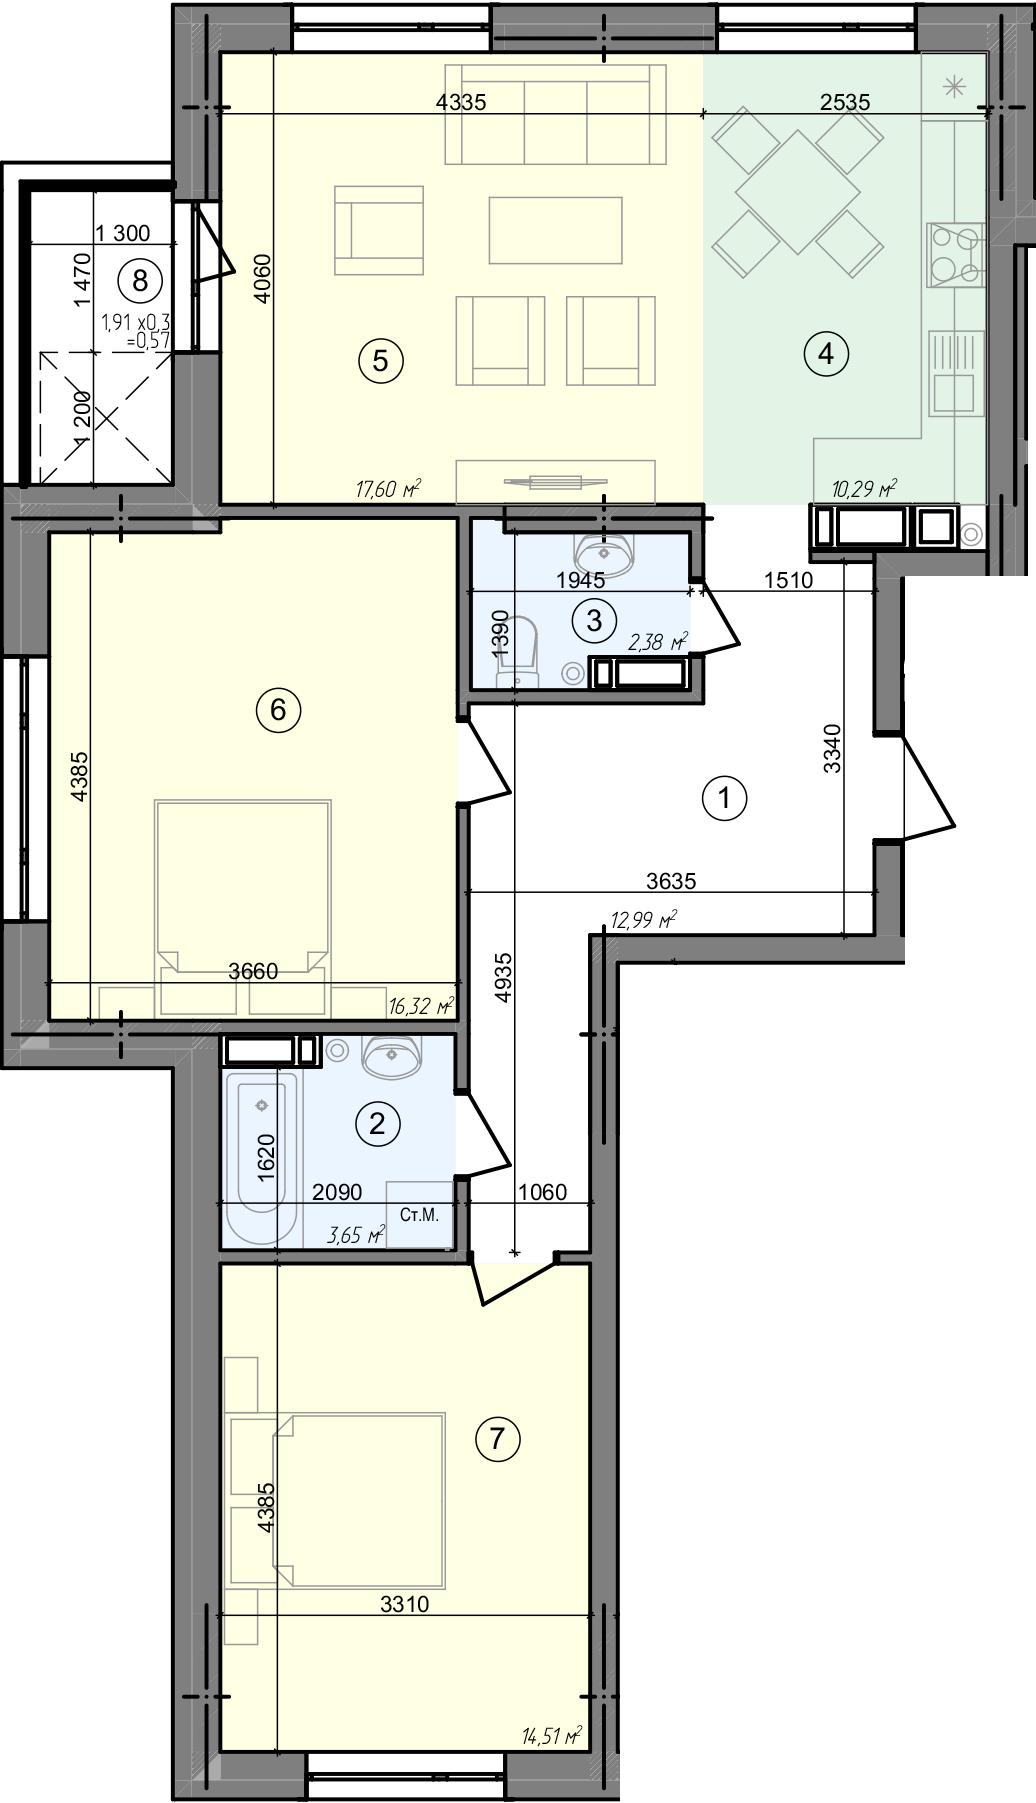 Купити Трикімнатна квартира 78,31 кв.м., тип 3.2, будинок 3, секція 1 в Києві Голосіївський район